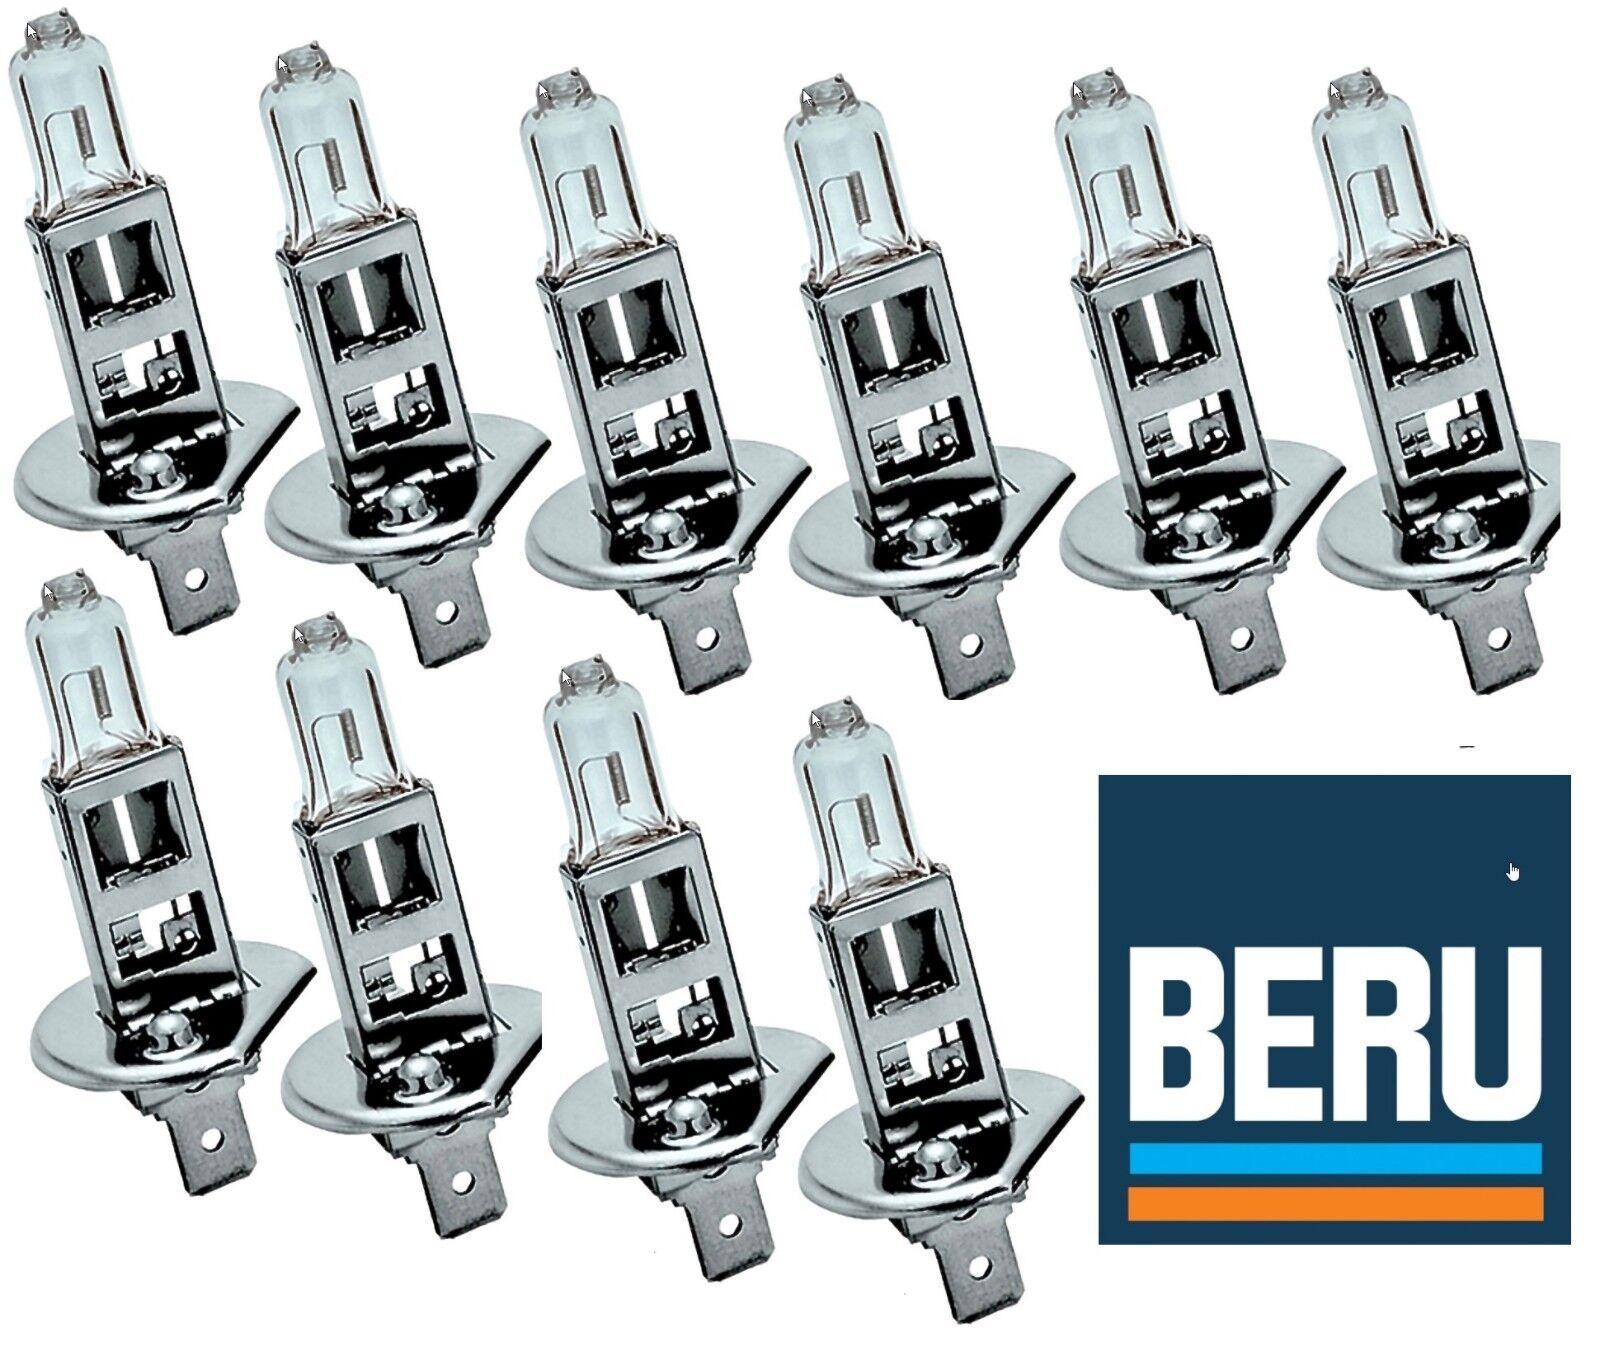 10x BERU 12V H1 55W Halogenlampe Lampe Glühlampe Autolampe Scheinwerfer Birne